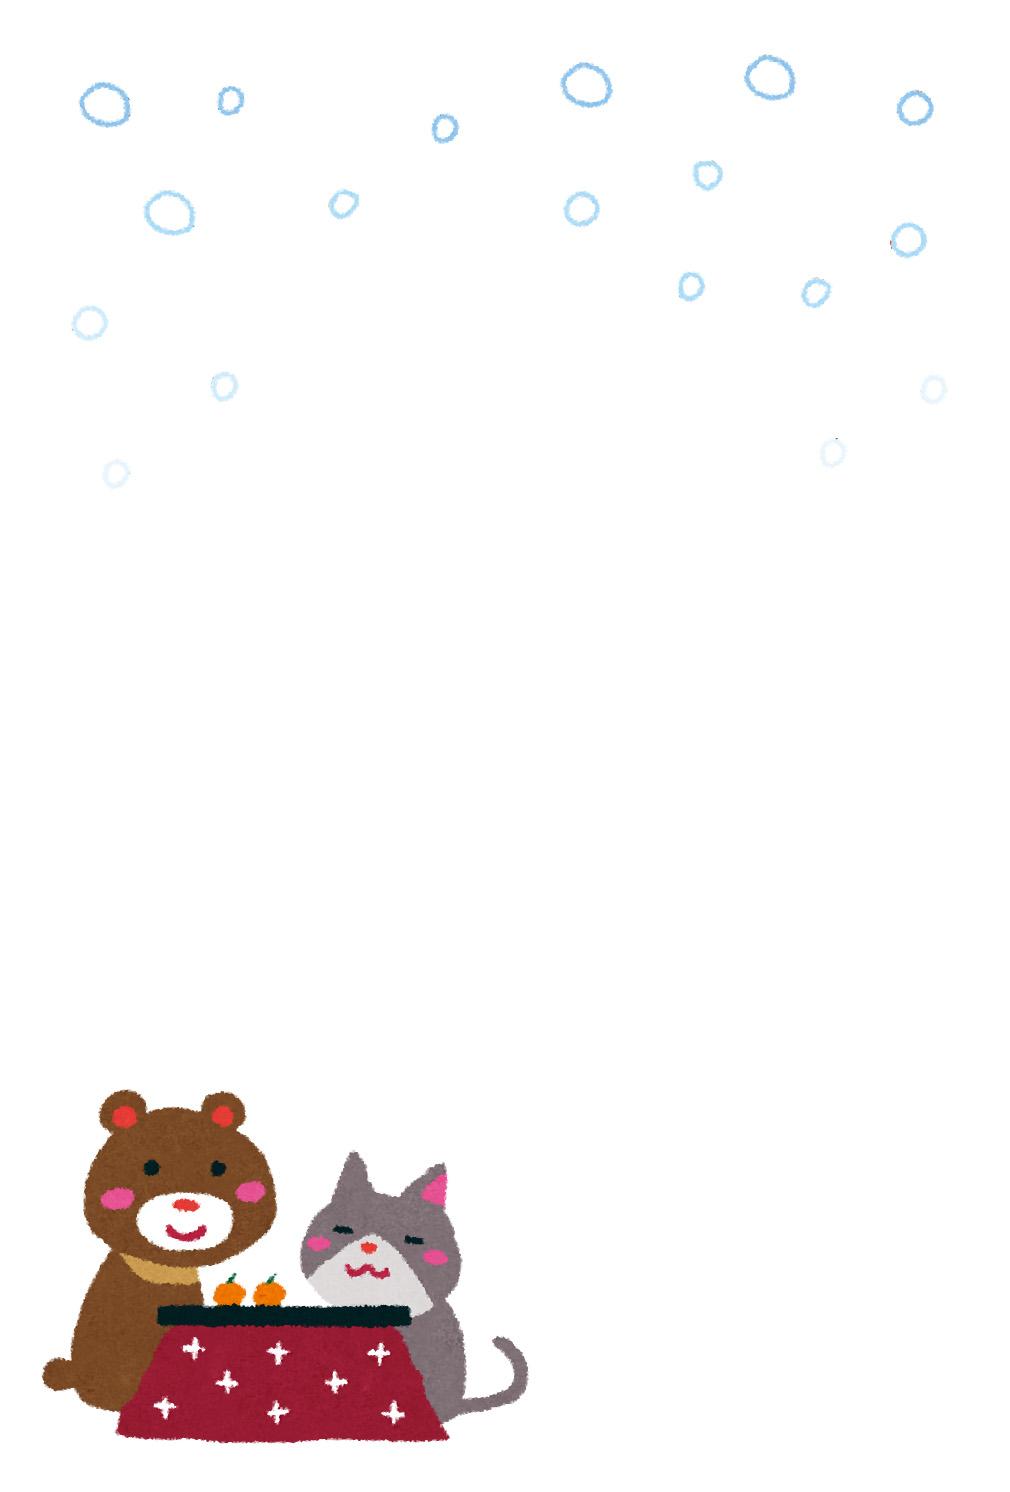 季節のはがきのテンプレート「12月 こたつと動物」 | かわいいフリー素材